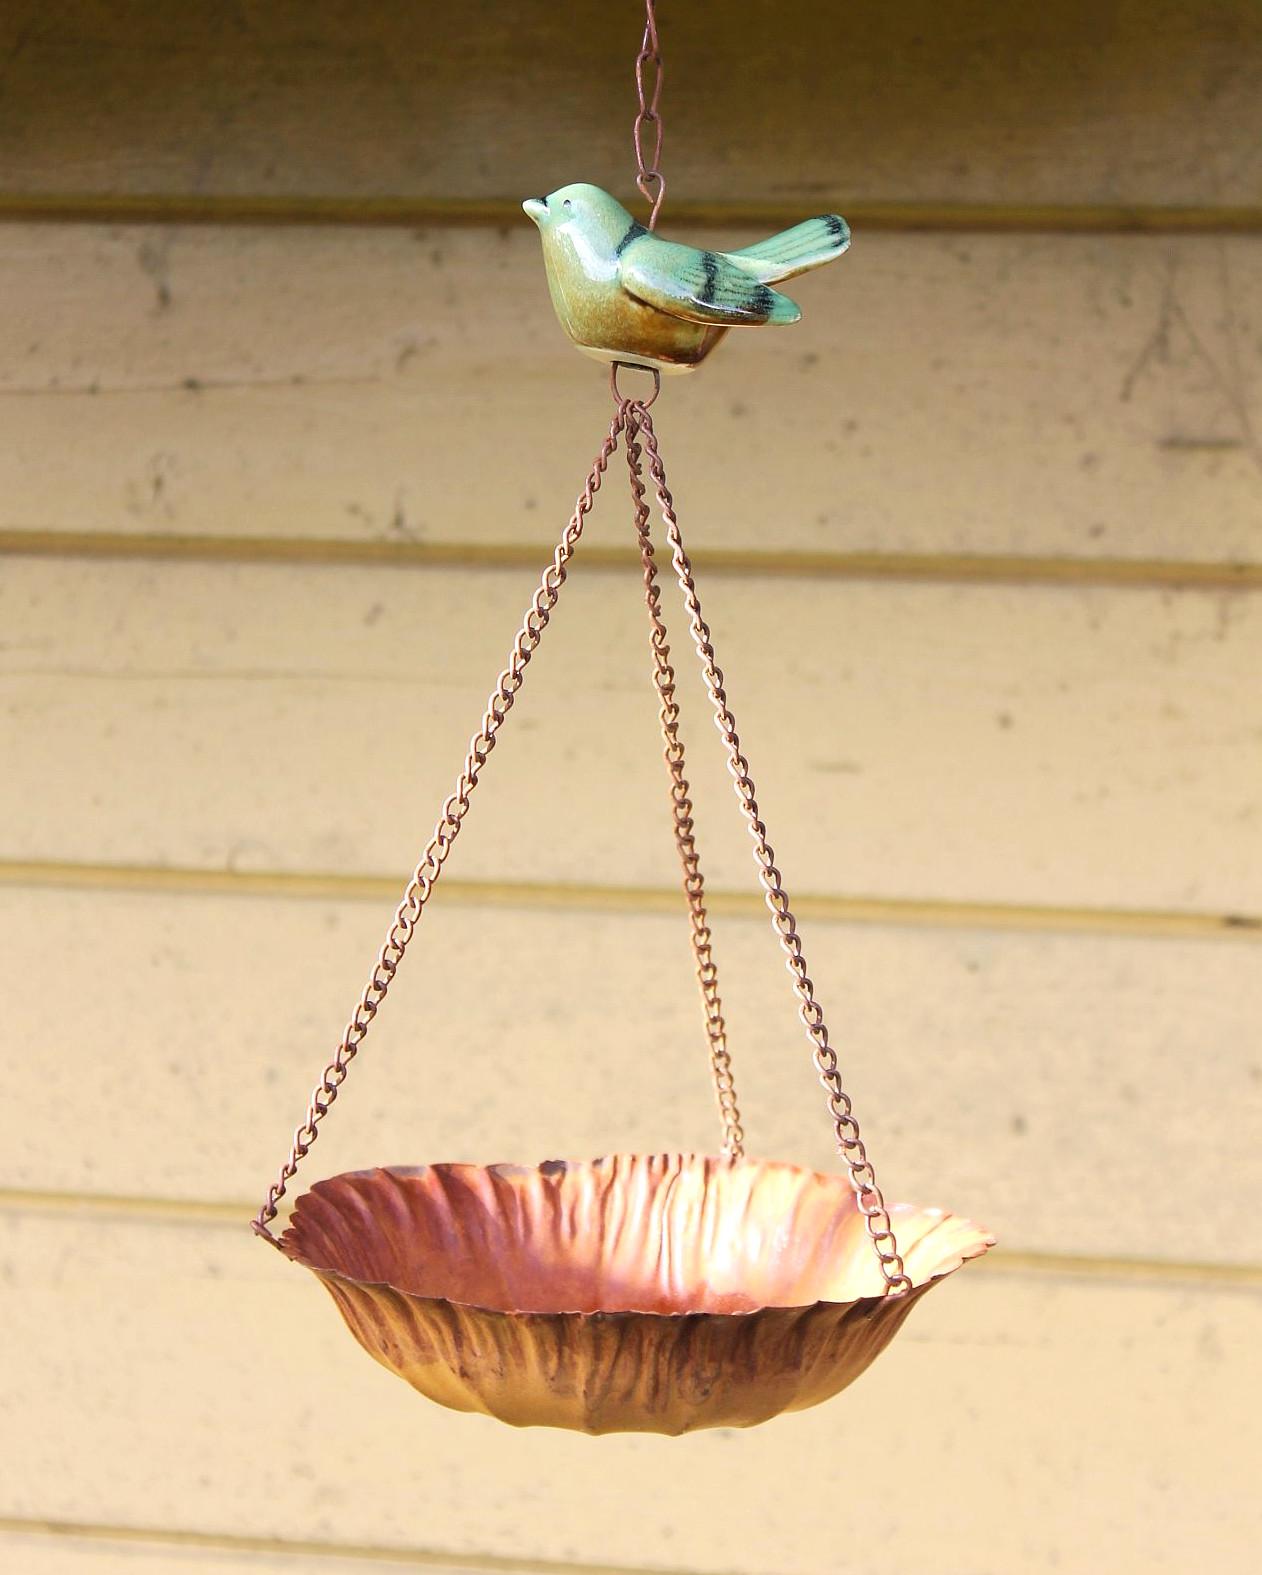 Windspiel Pflanzgef/ä/ß Urstory1 Wandhaken aus Eisen Metall zum Aufh/ängen von Laterne Vogelfutterspender 10 St/ück Mantel